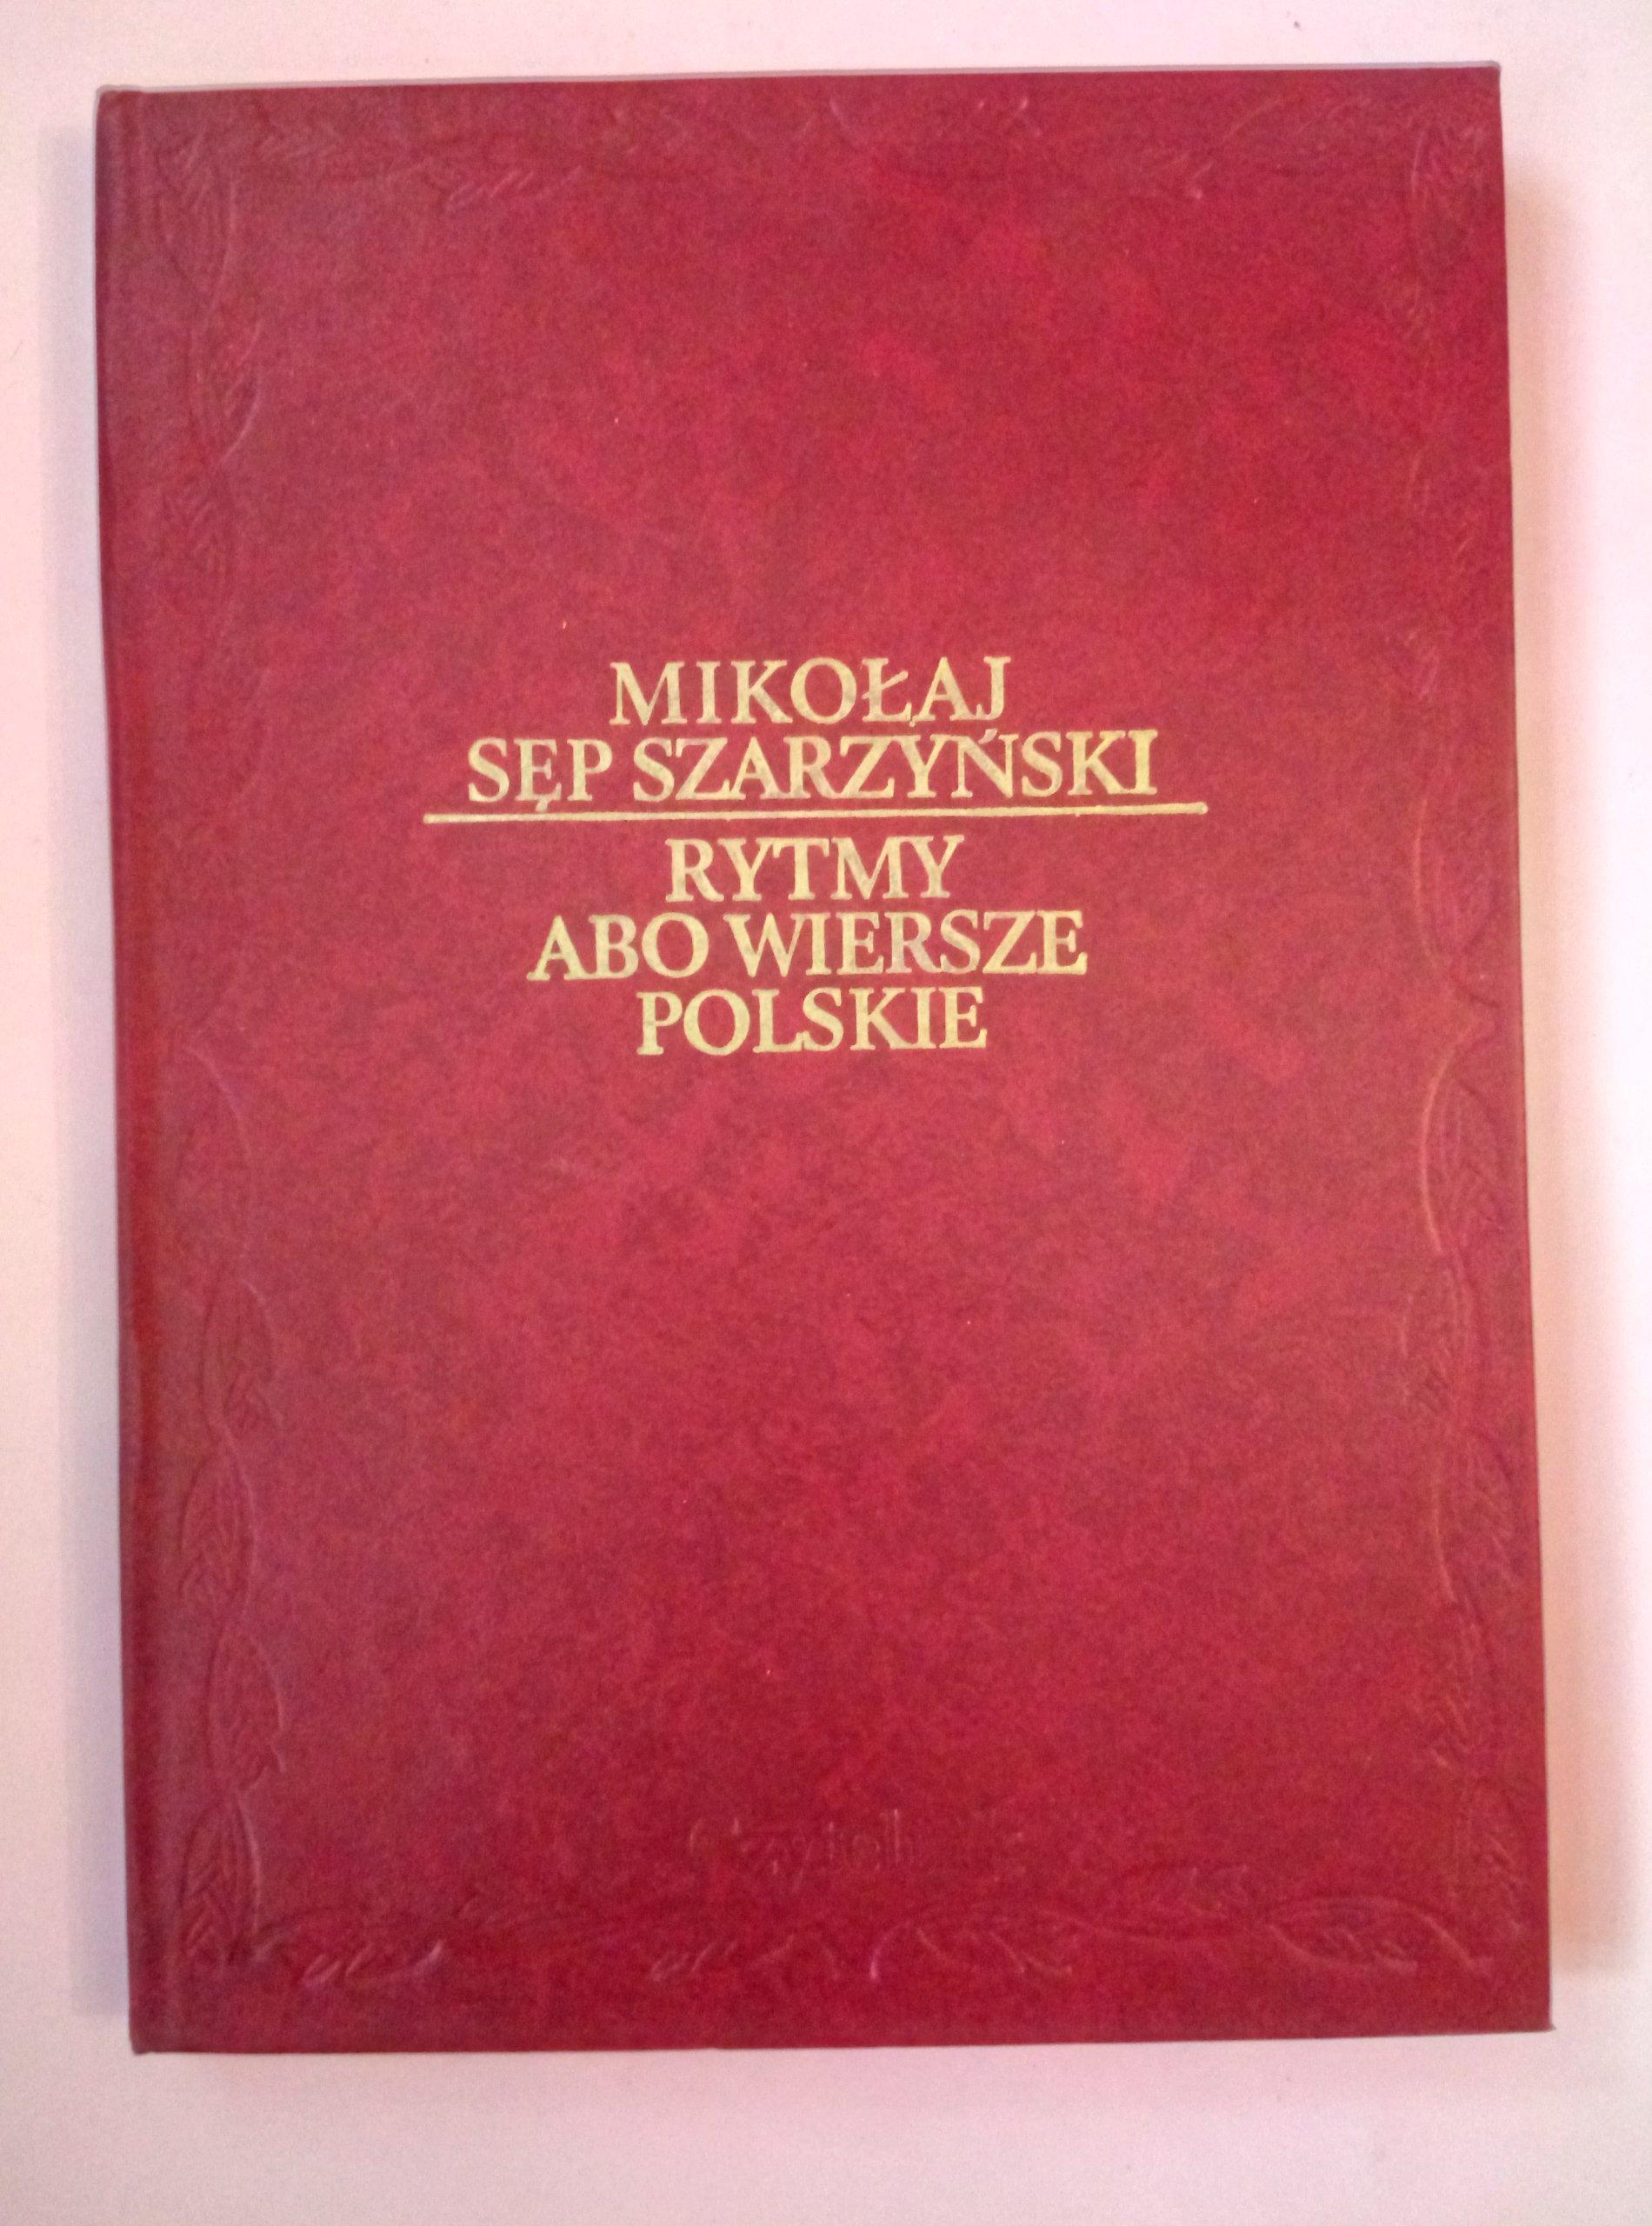 Rytmy Abo Wiersze Polskie Mikołaj Sęp Szarzyński